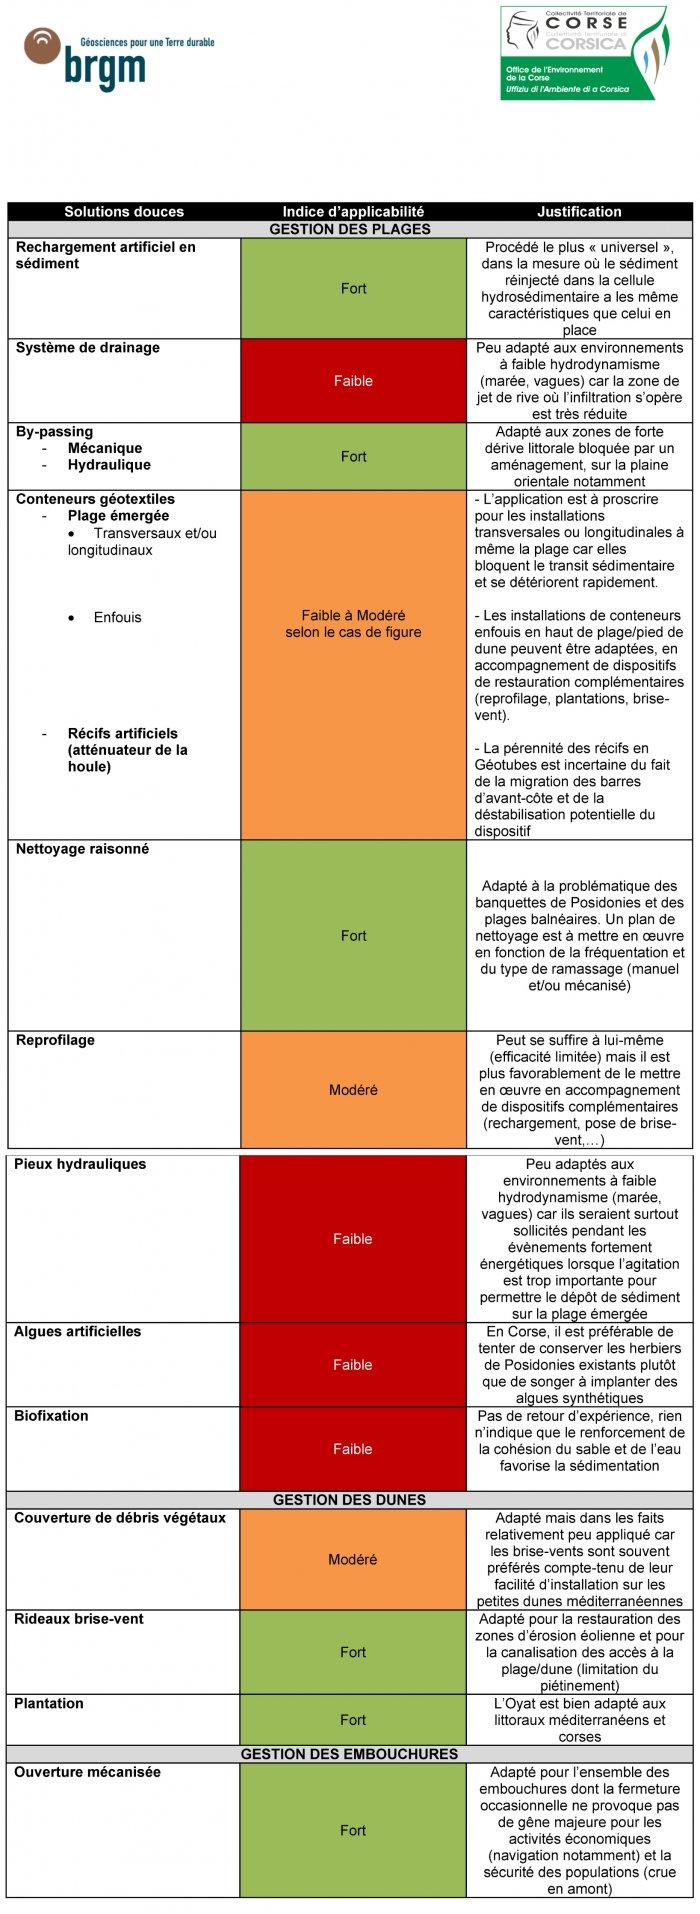 Applicabilité au littotal corse des solutions douces de gestion de l'érosion côtière